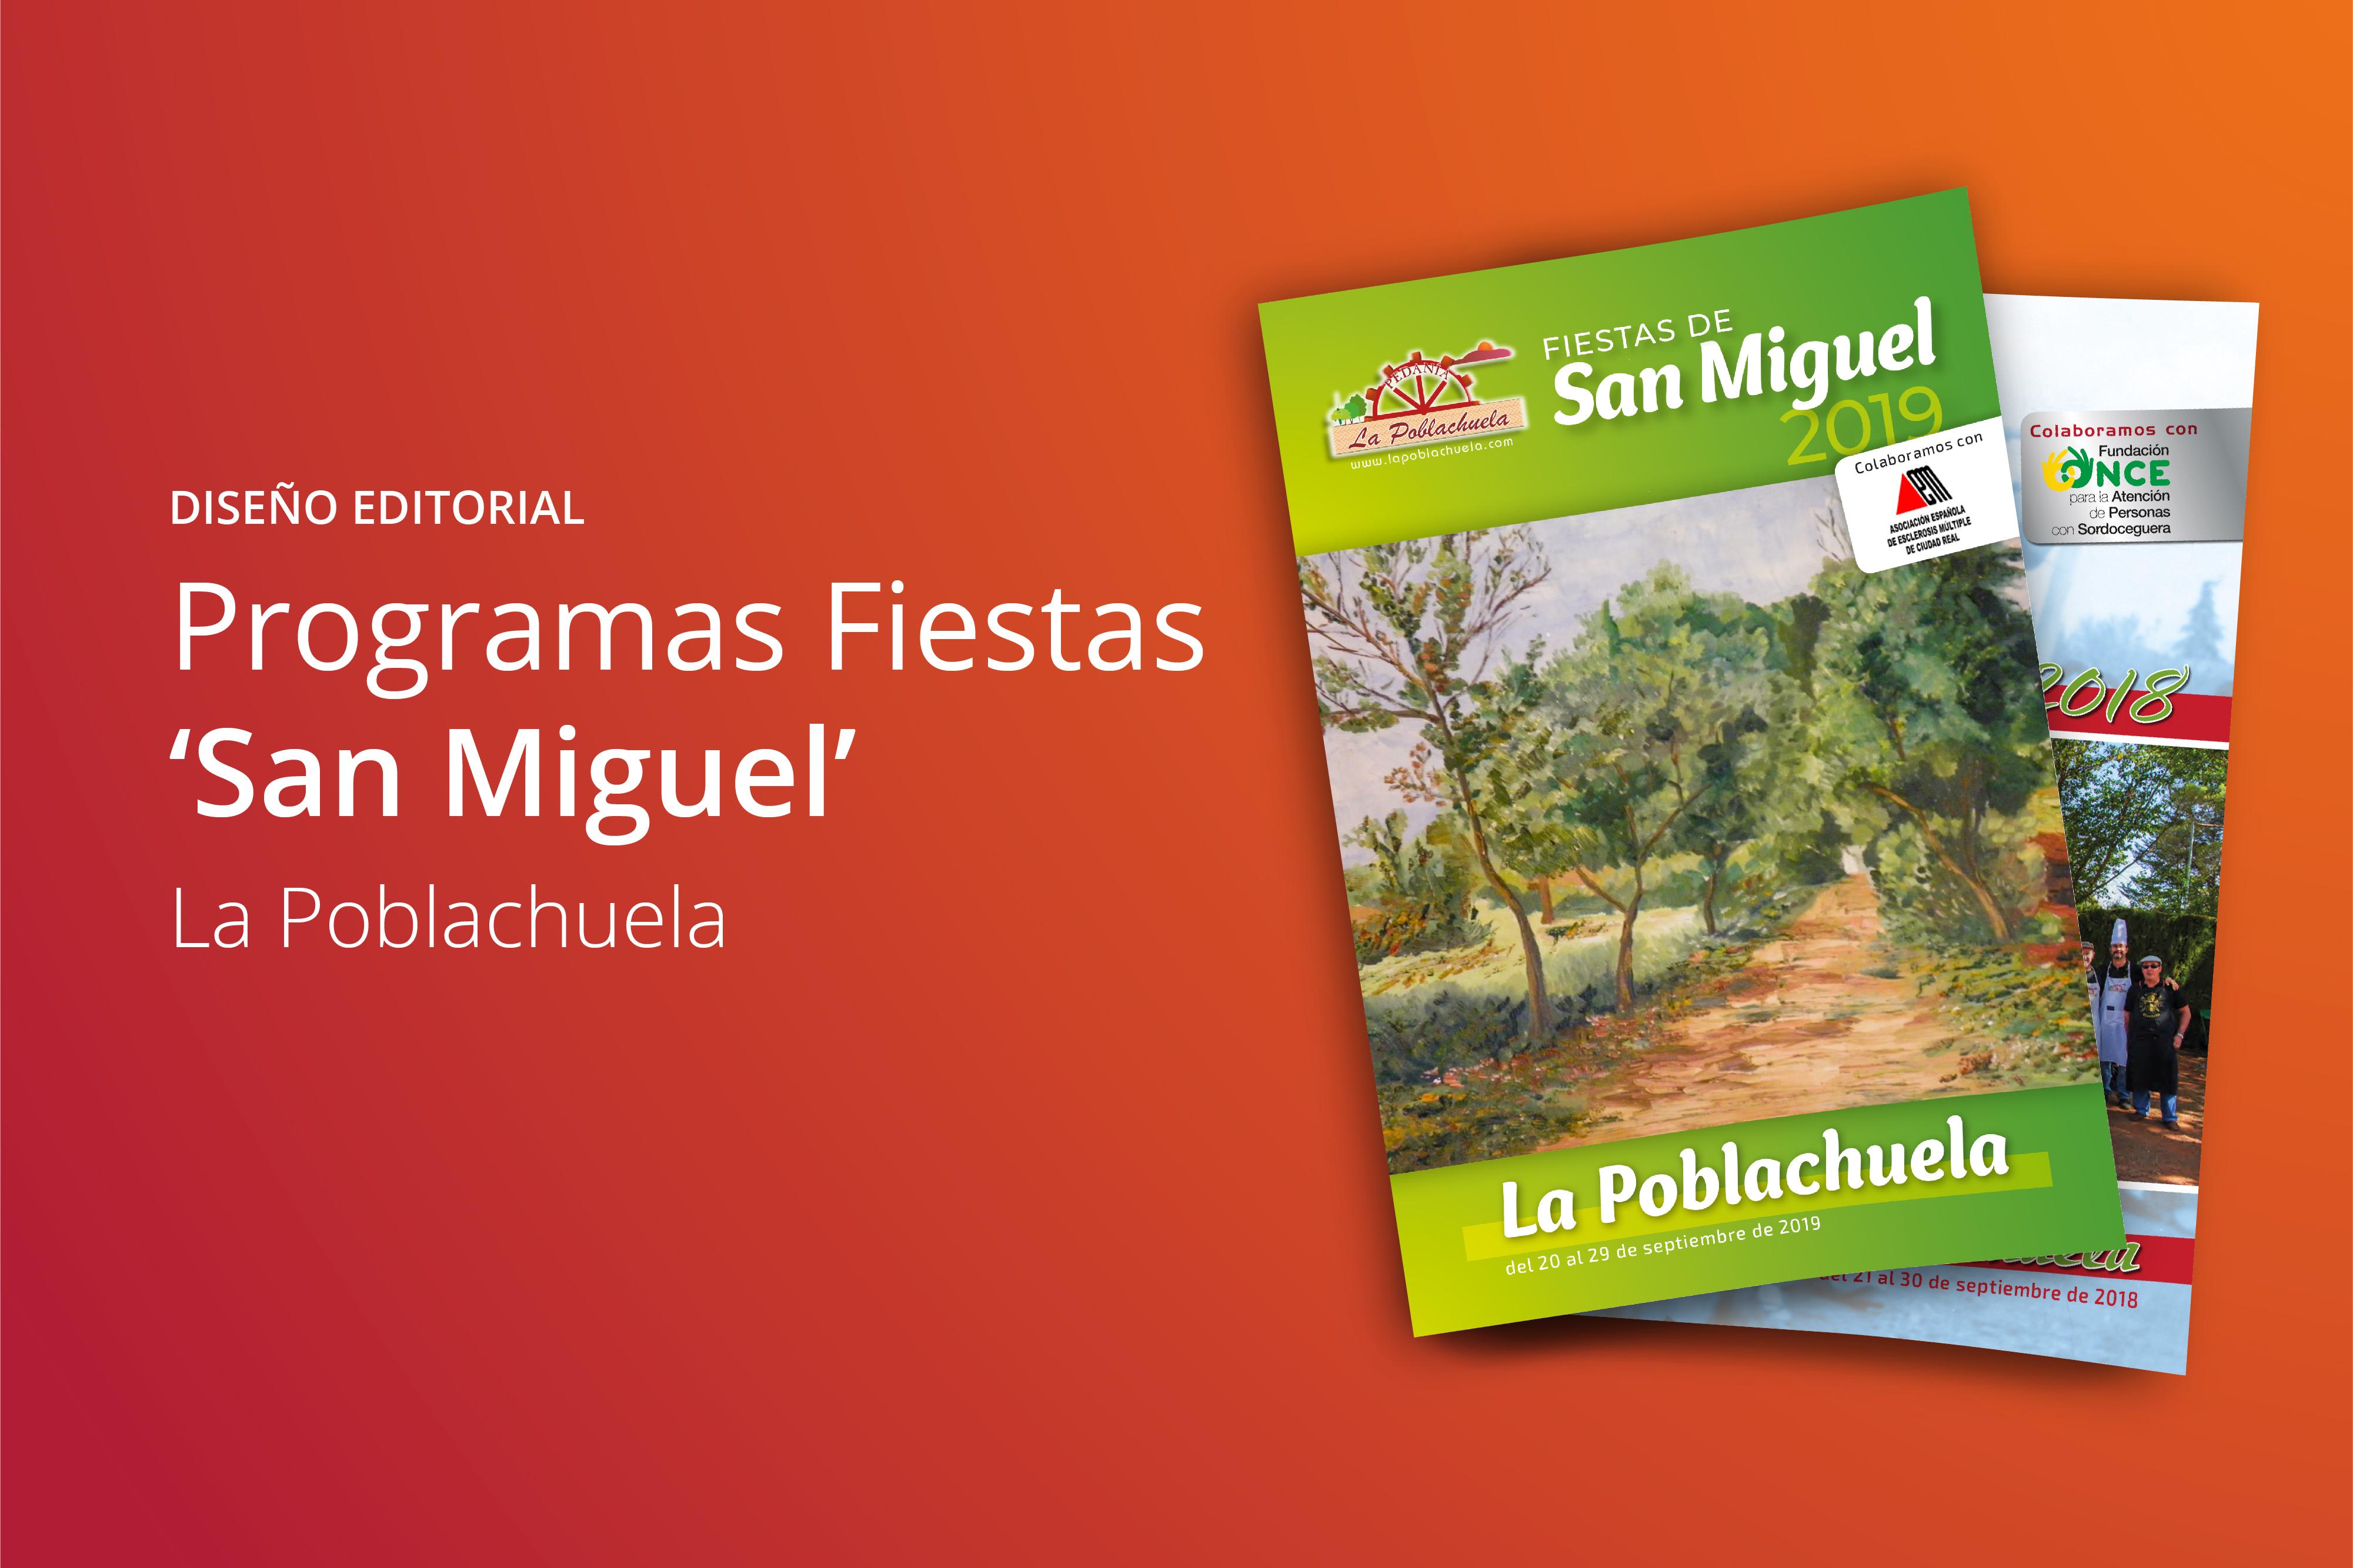 Programa fiestas La Poblachuela